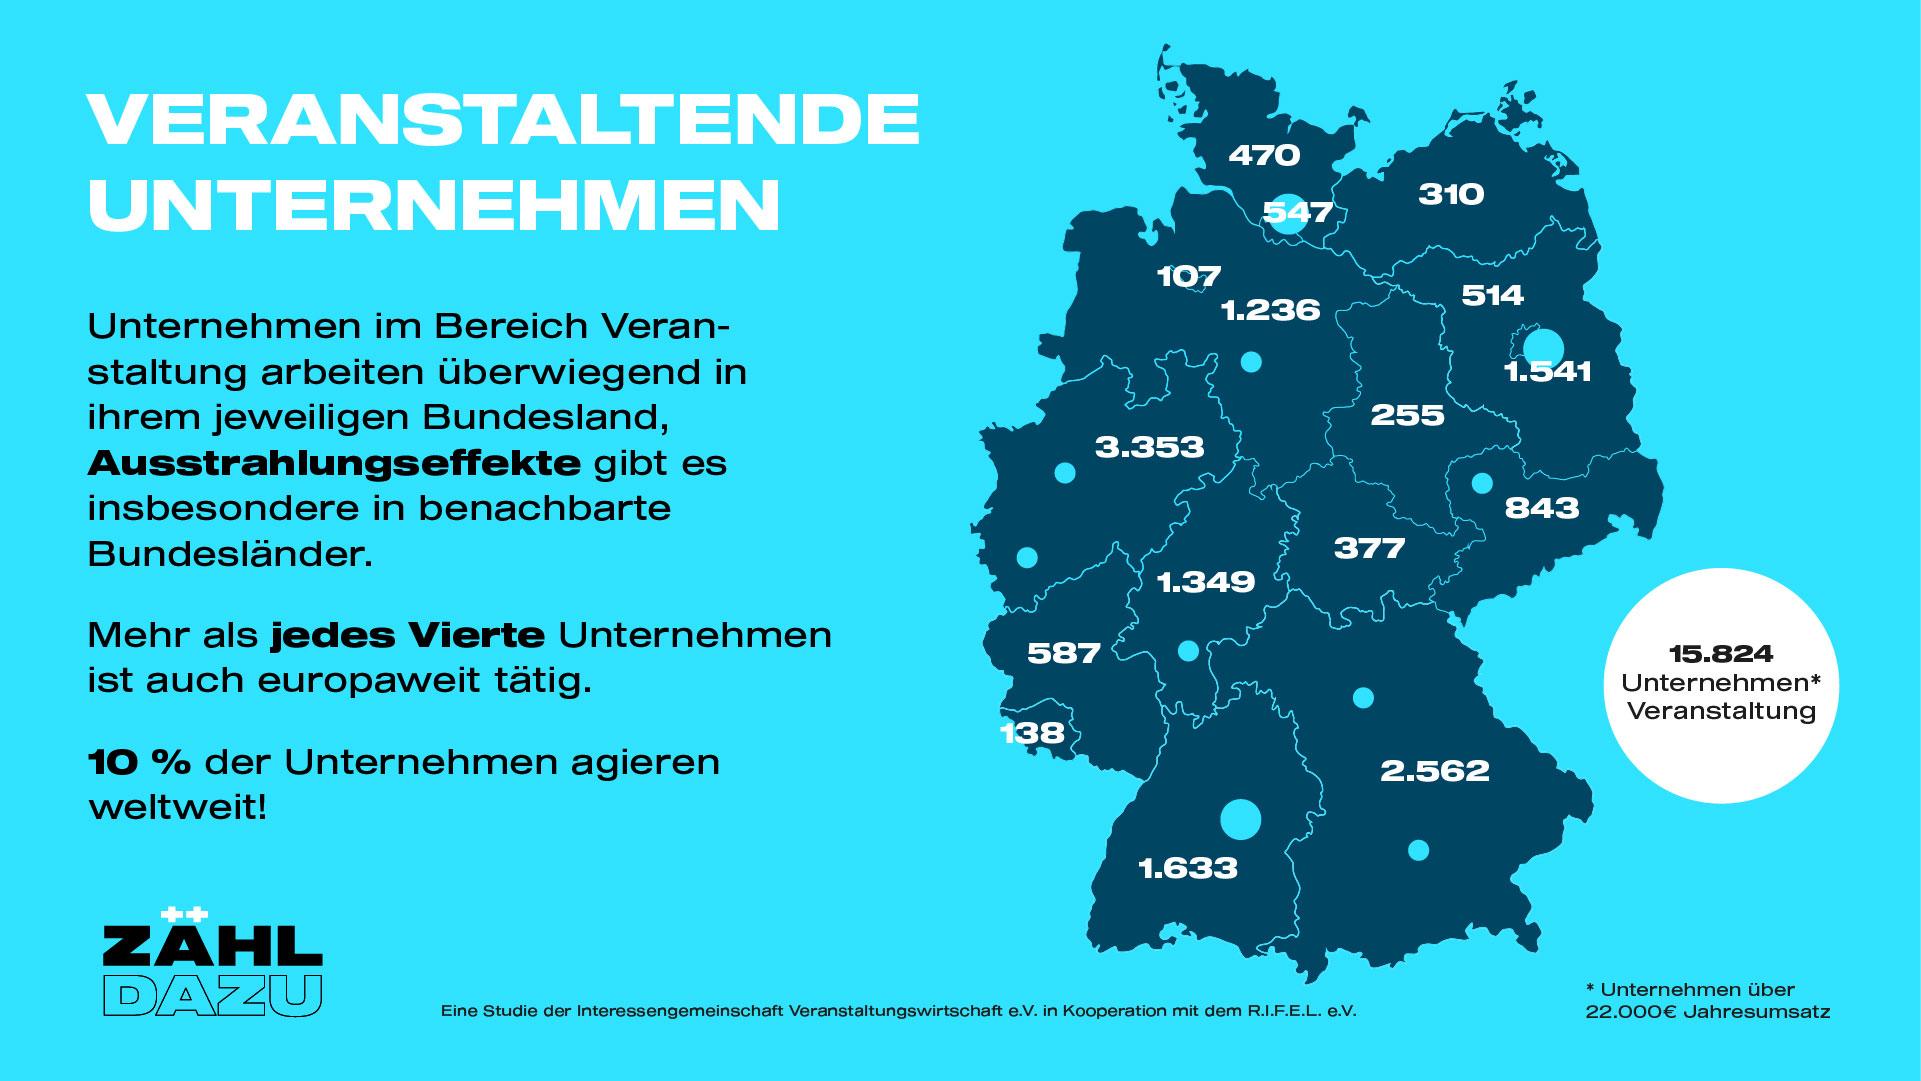 zaehl-dazu_Landkarte_Veranstaltende_01